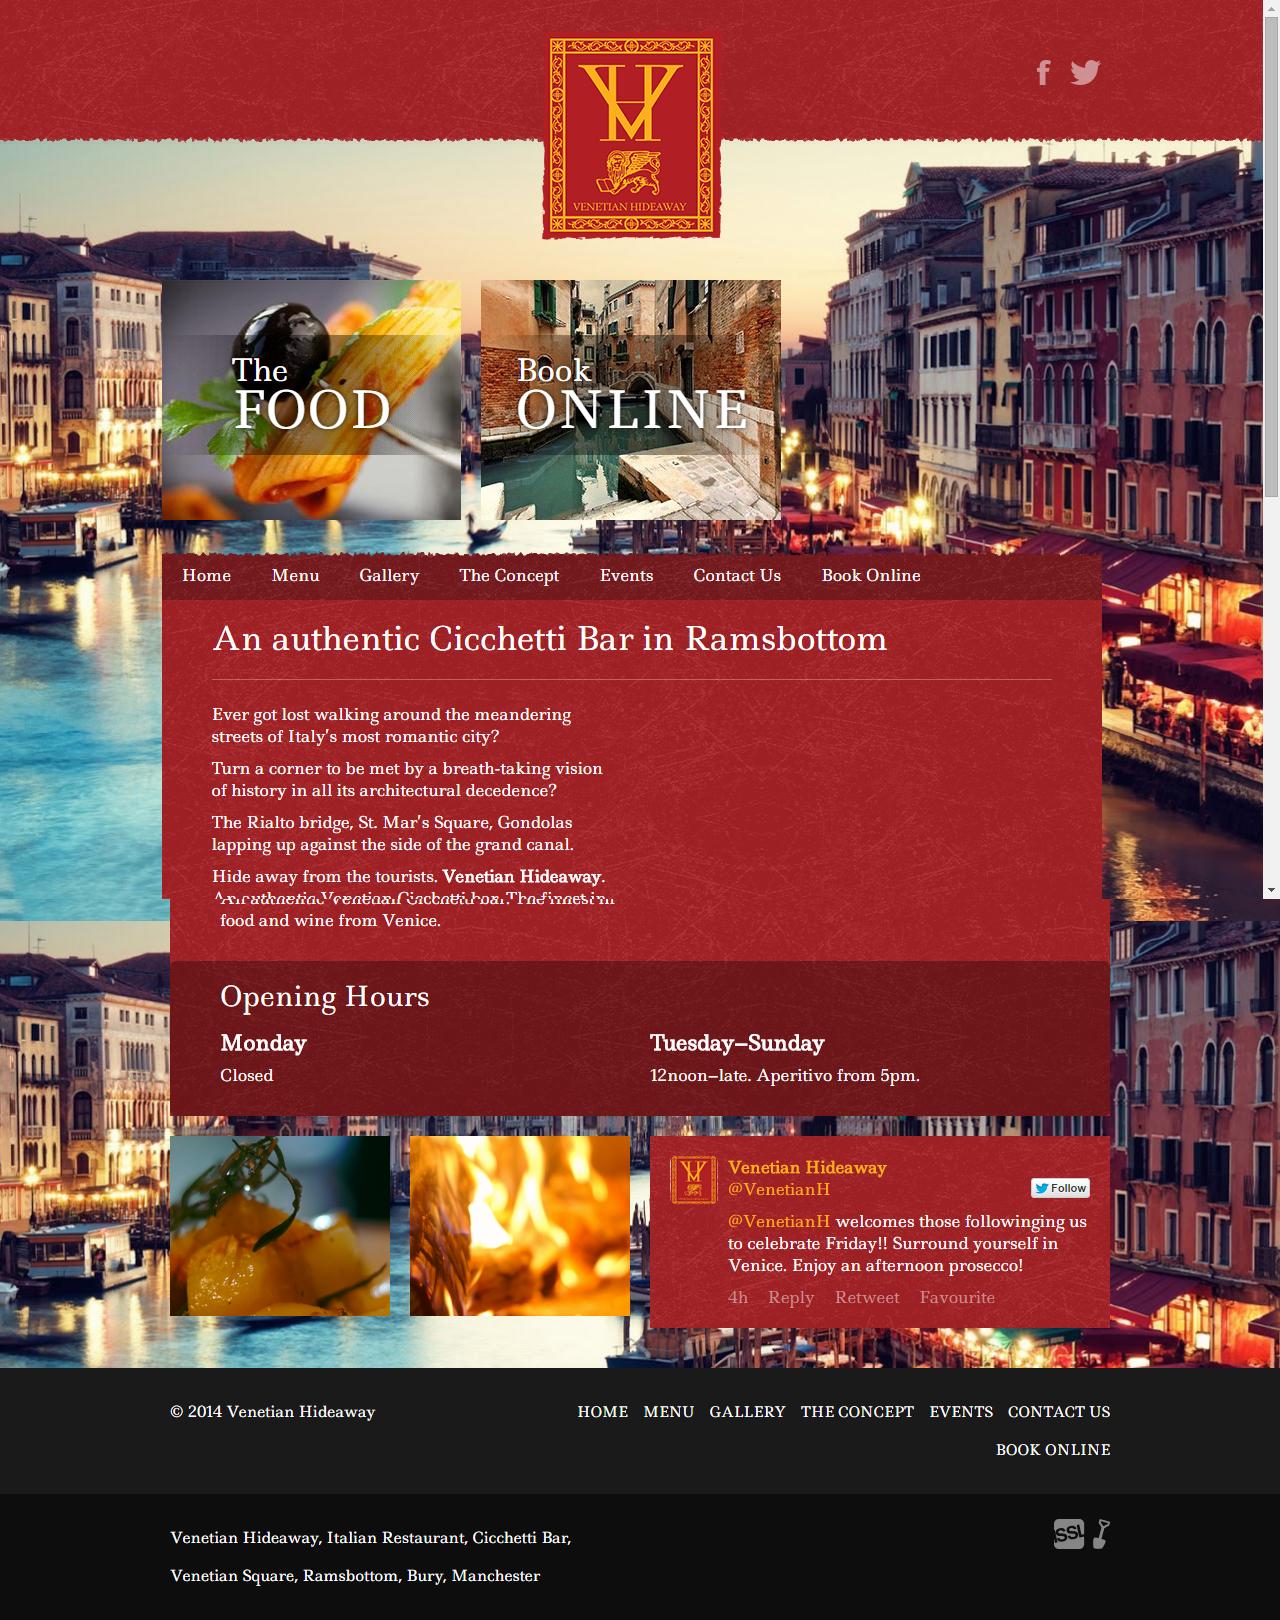 Venetian Hideaway Italian Restaurant In Ramsbottom Webdesign Italian Restaurant Web Design Website Design